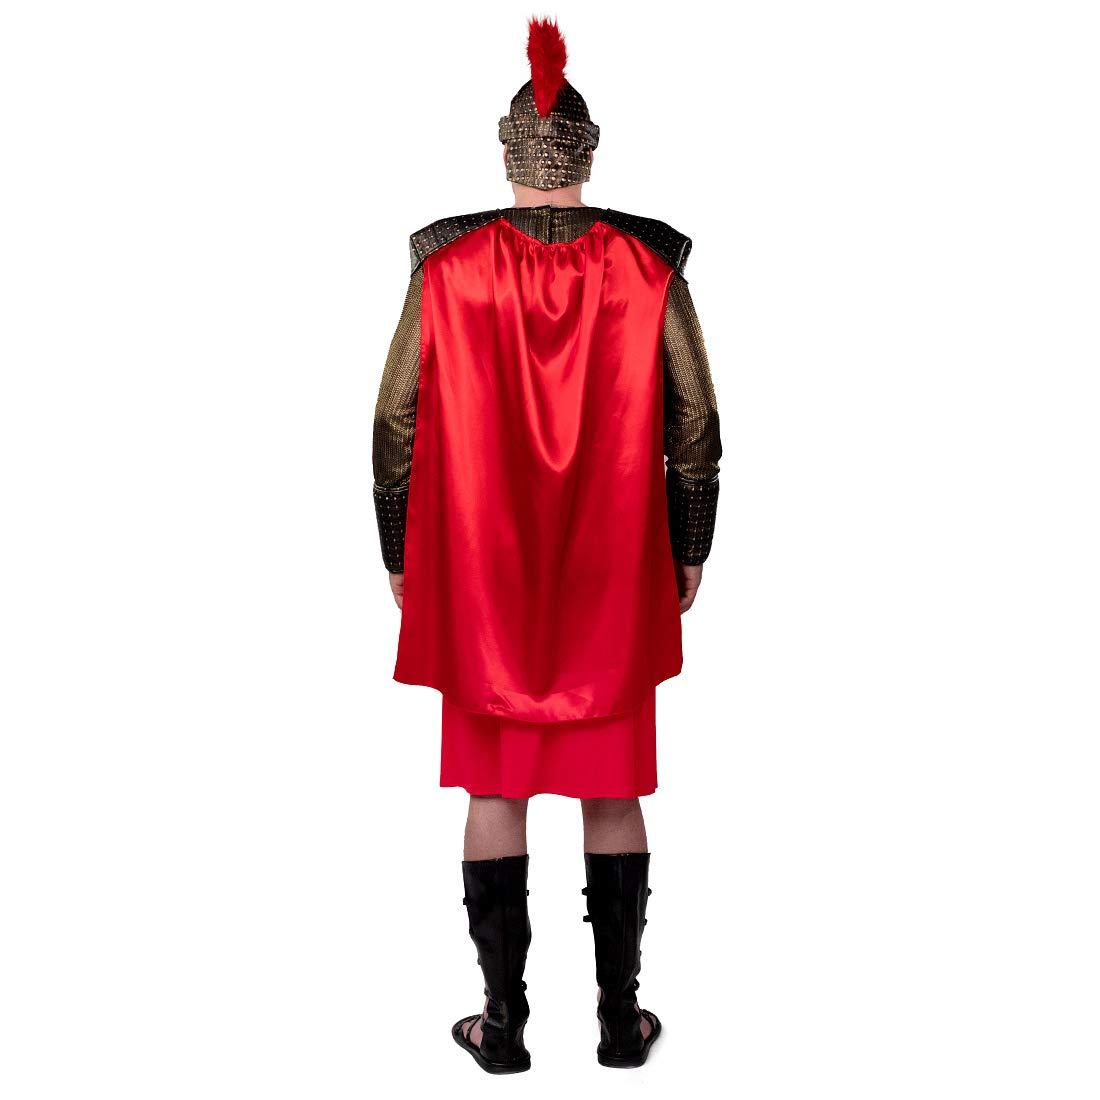 Amakando Estilizado Disfraz Espartano para Adulto / Bronce-Rojo ES ...